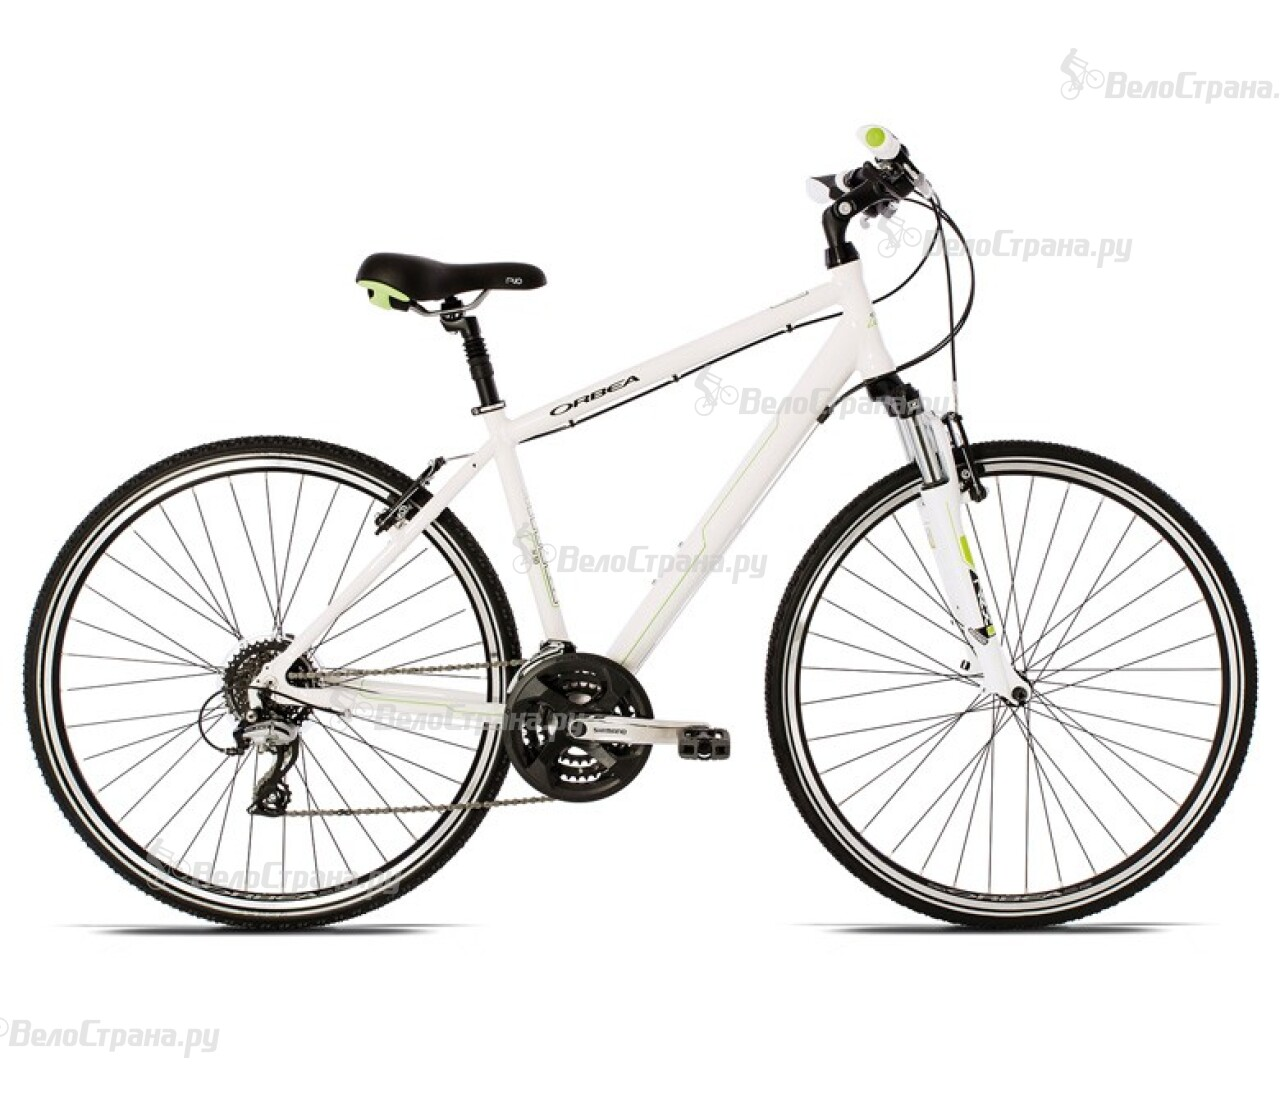 Велосипед Mongoose Tyax Expert (2013) велосипед mongoose fireball 24 2013